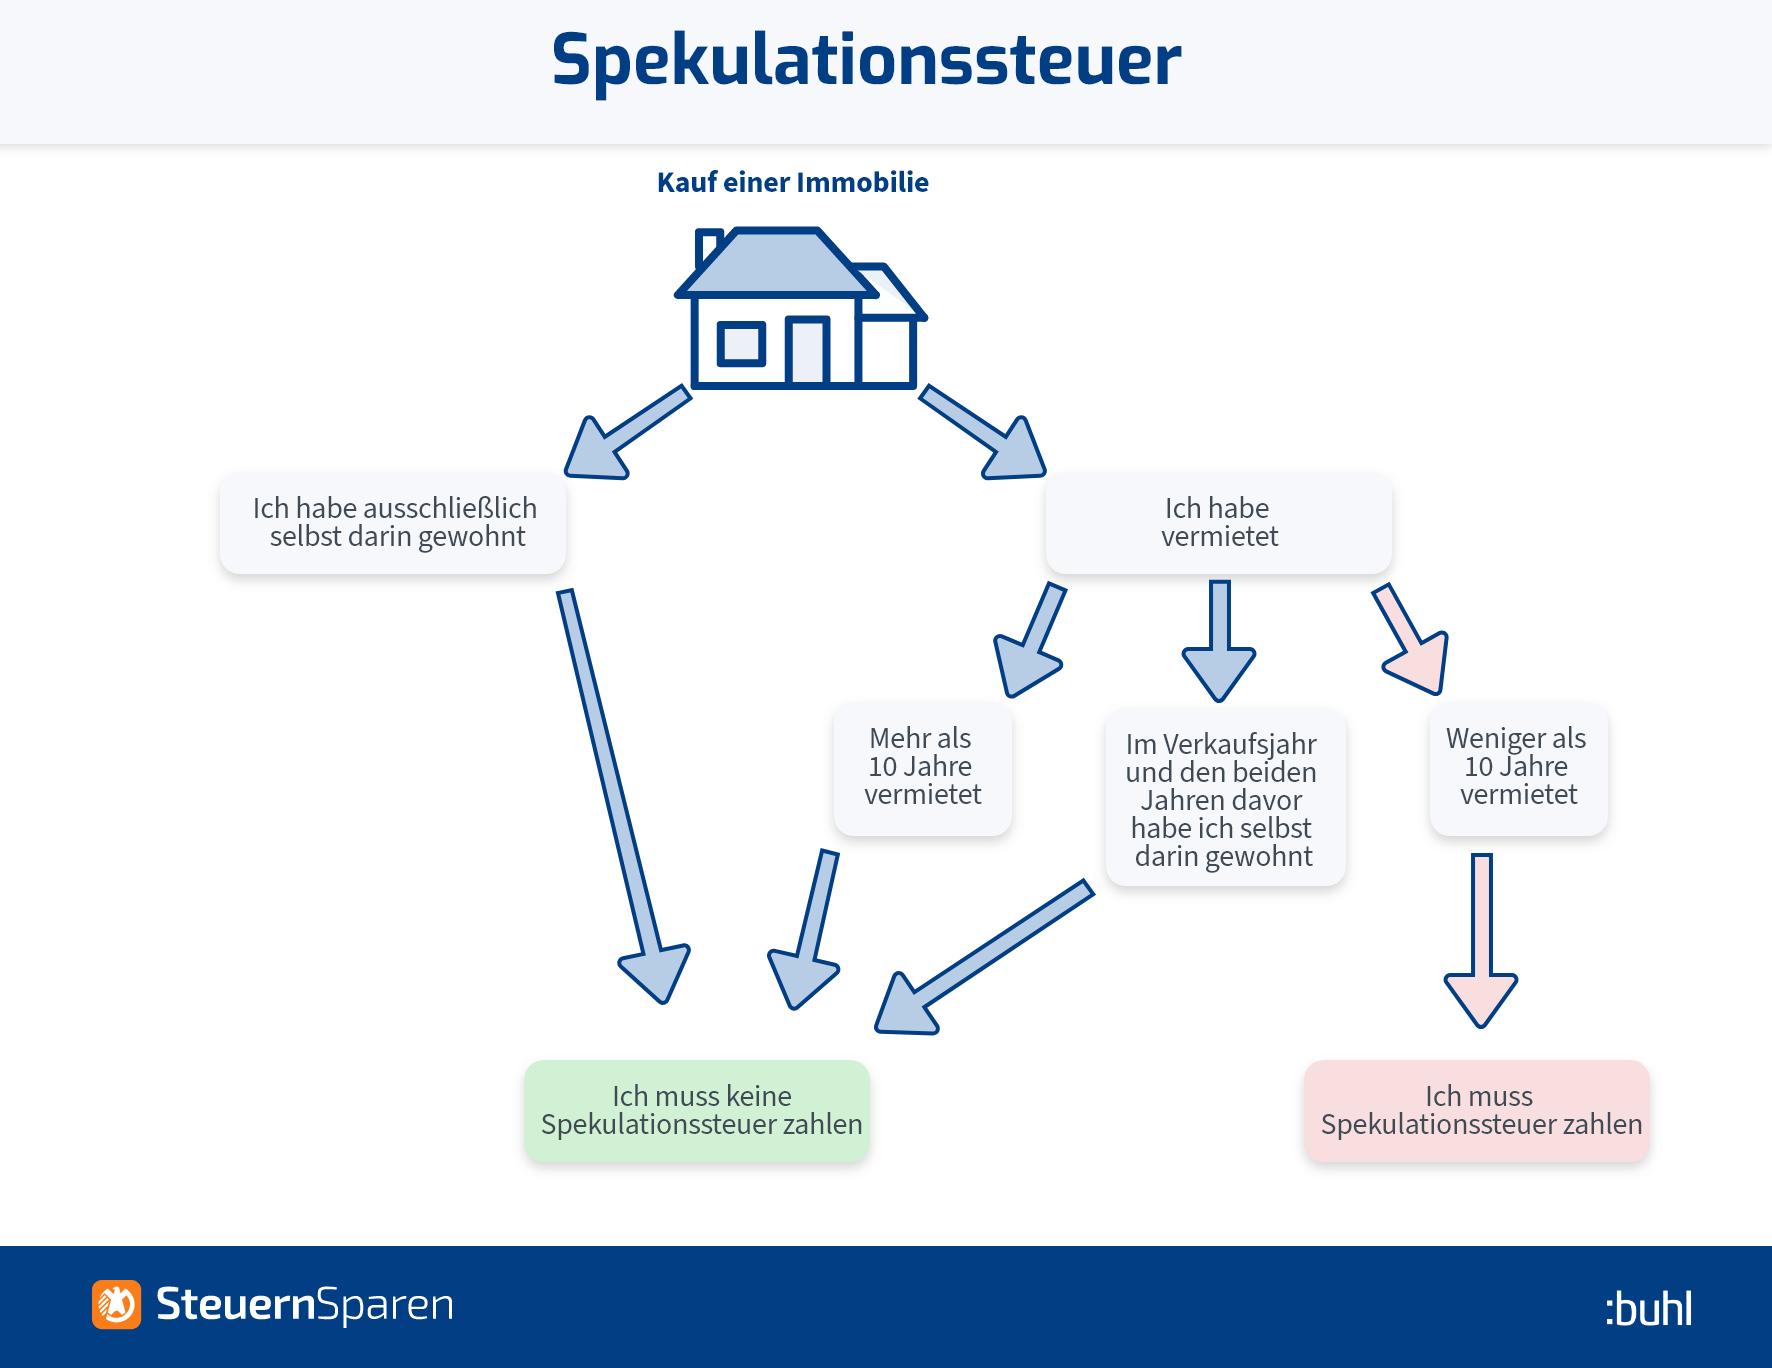 Spekulationssteuer Infografik